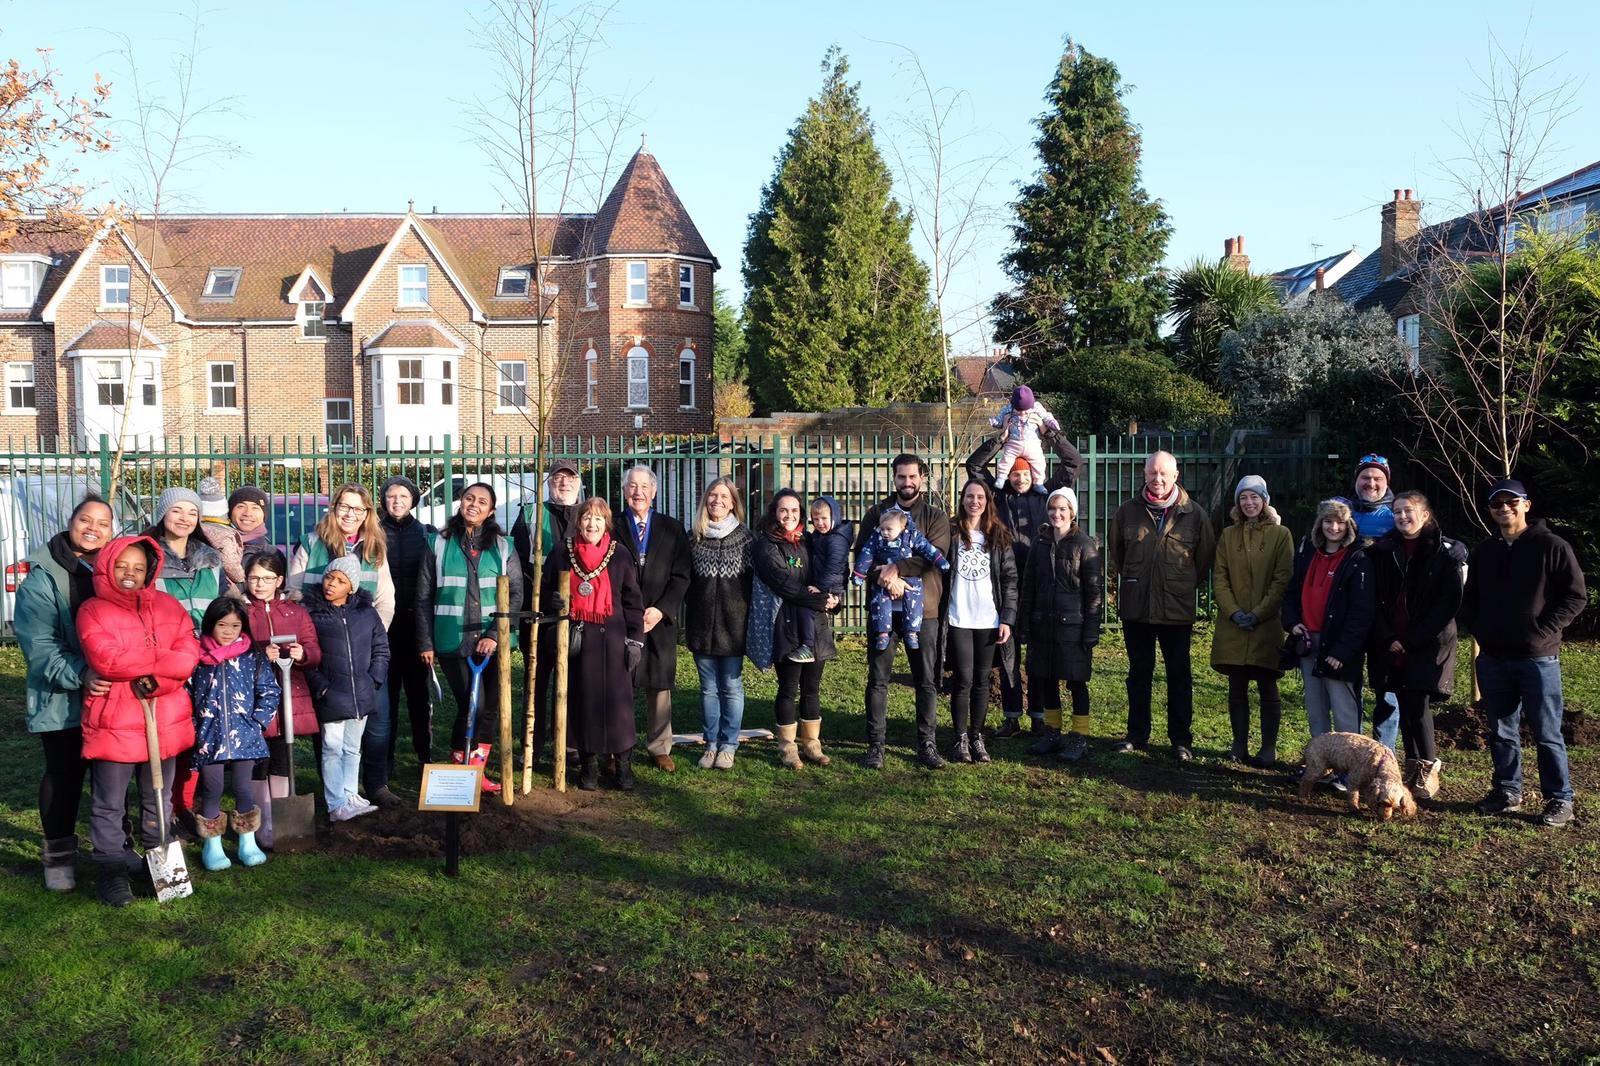 Weybridge Tree Planting Event